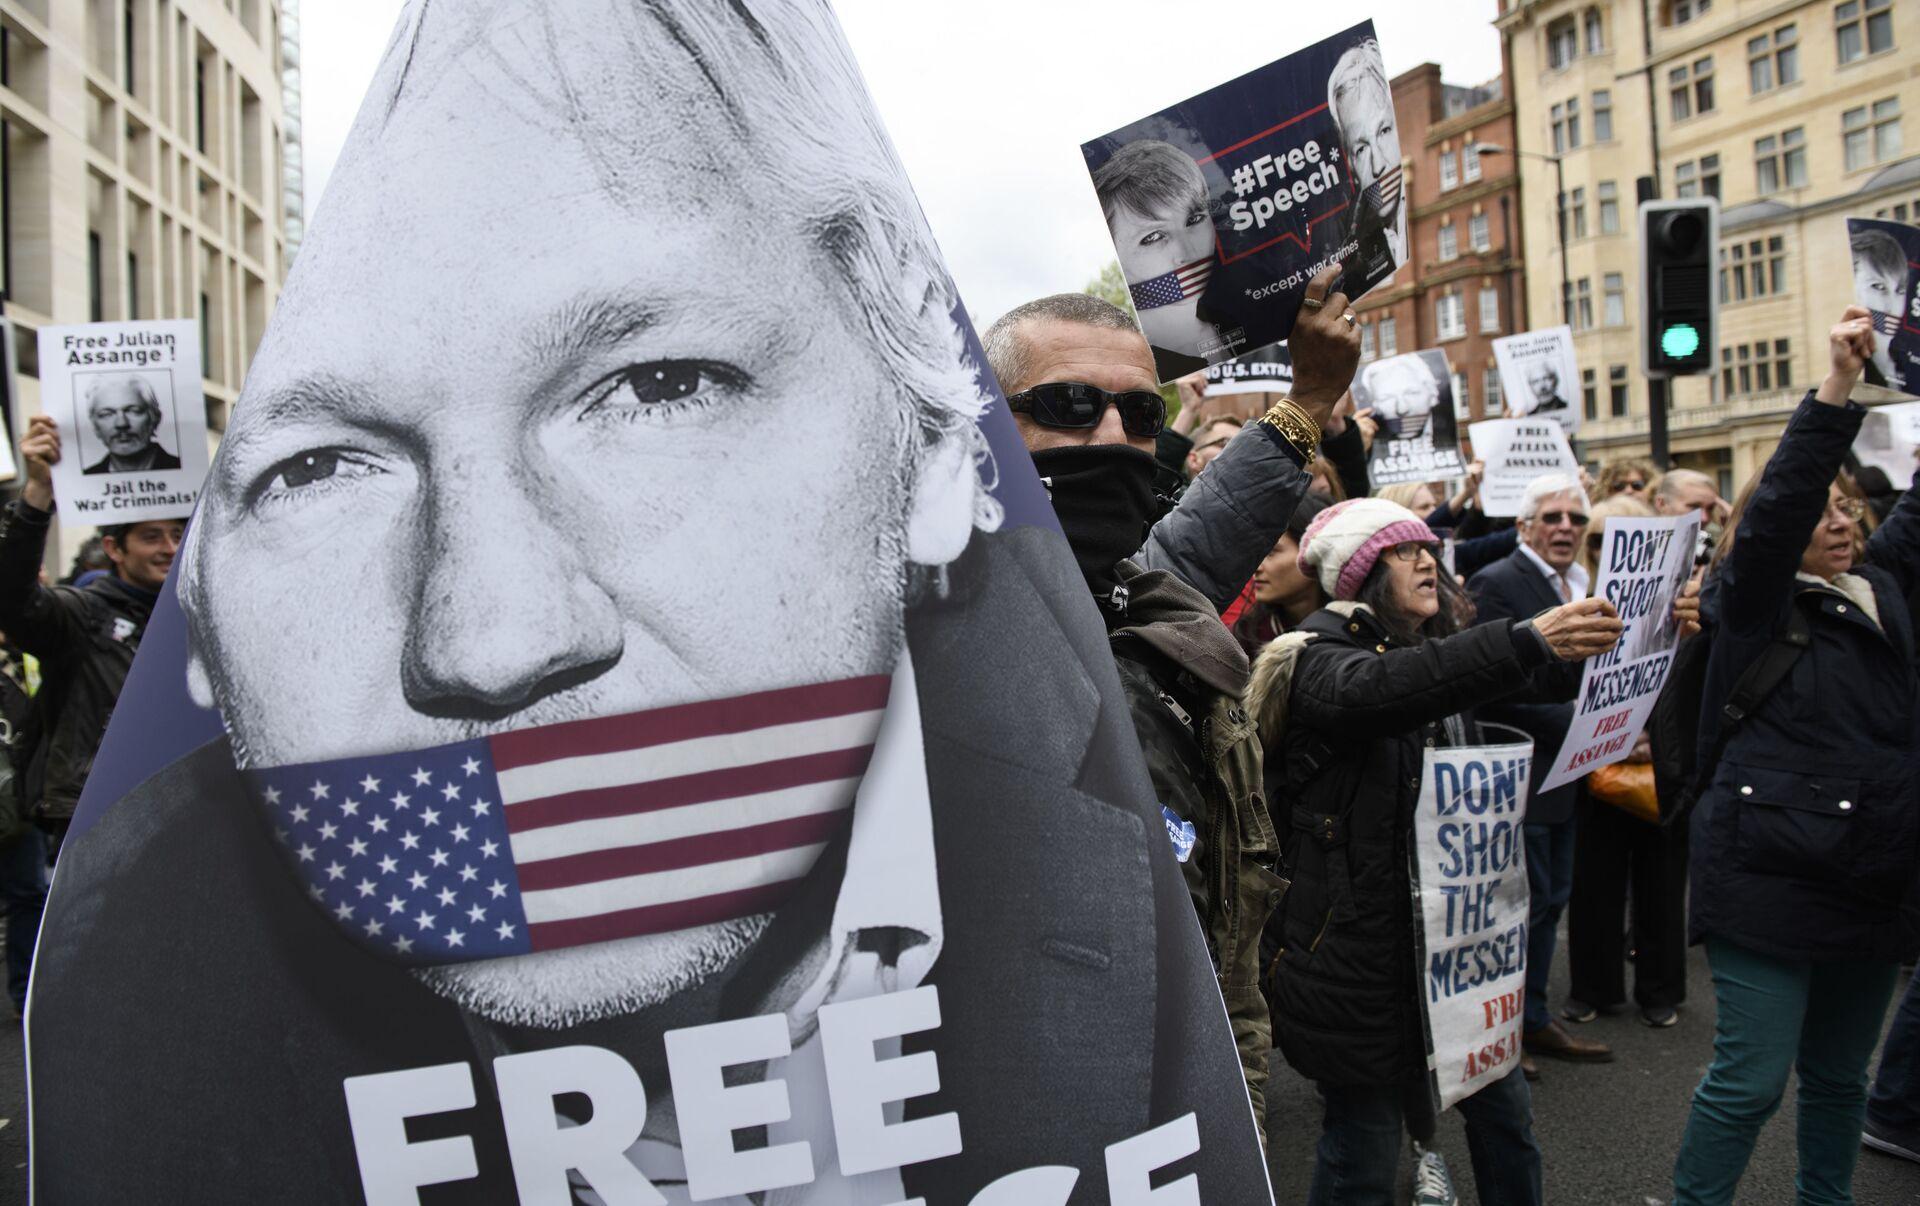 Julian Assange nebude čelit slyšení o extradikci do USA dříve než v únoru  roku 2020 - 14.06.2019, Sputnik Česká republika